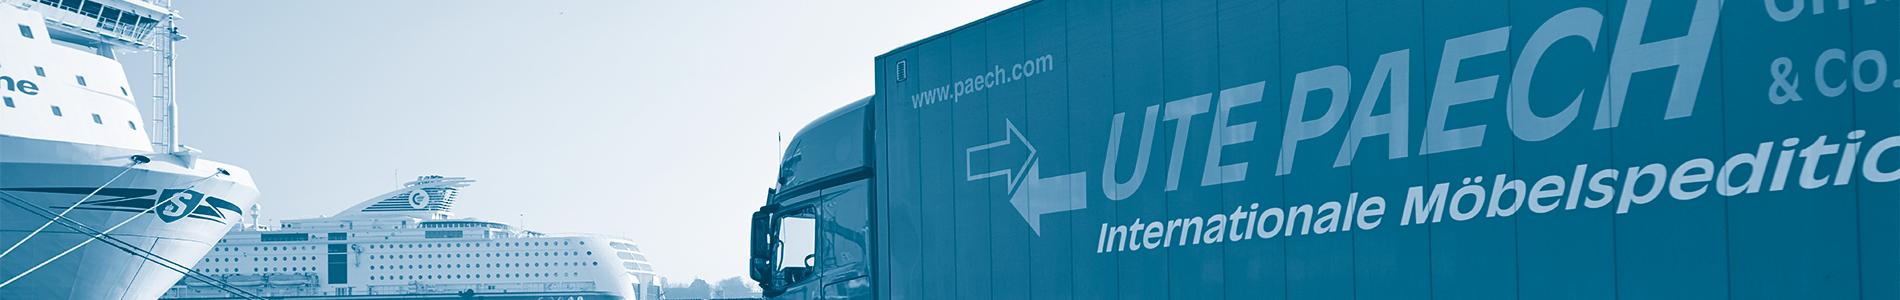 Ute Paech GmbH & Co. KG - Flytte... og mye mer!